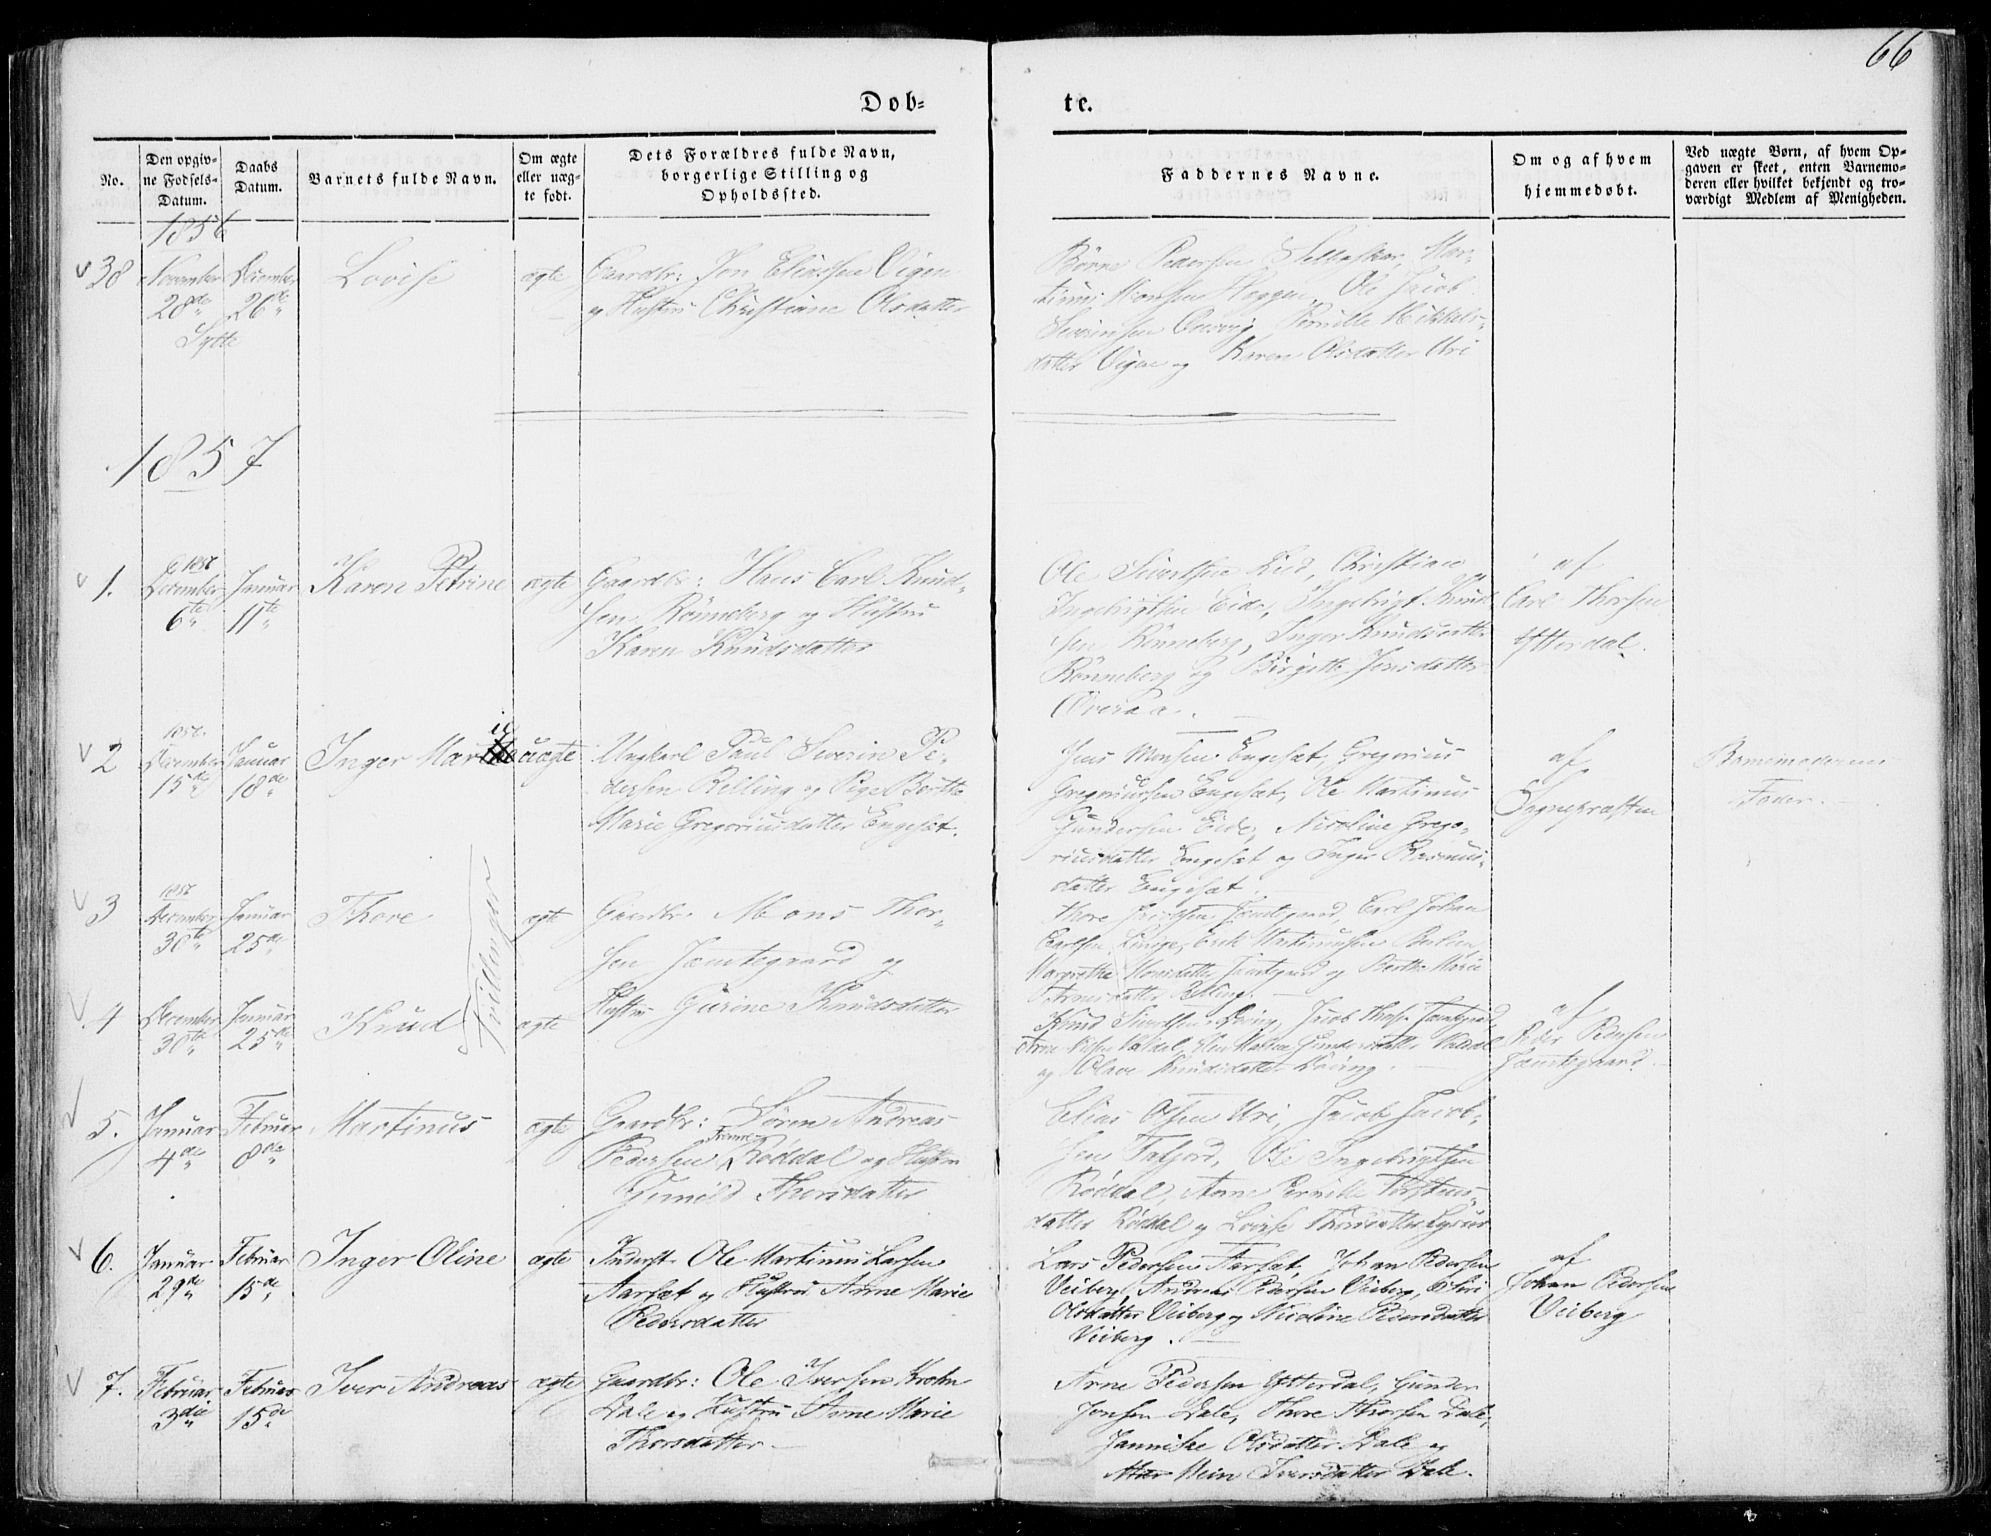 SAT, Ministerialprotokoller, klokkerbøker og fødselsregistre - Møre og Romsdal, 519/L0249: Ministerialbok nr. 519A08, 1846-1868, s. 66